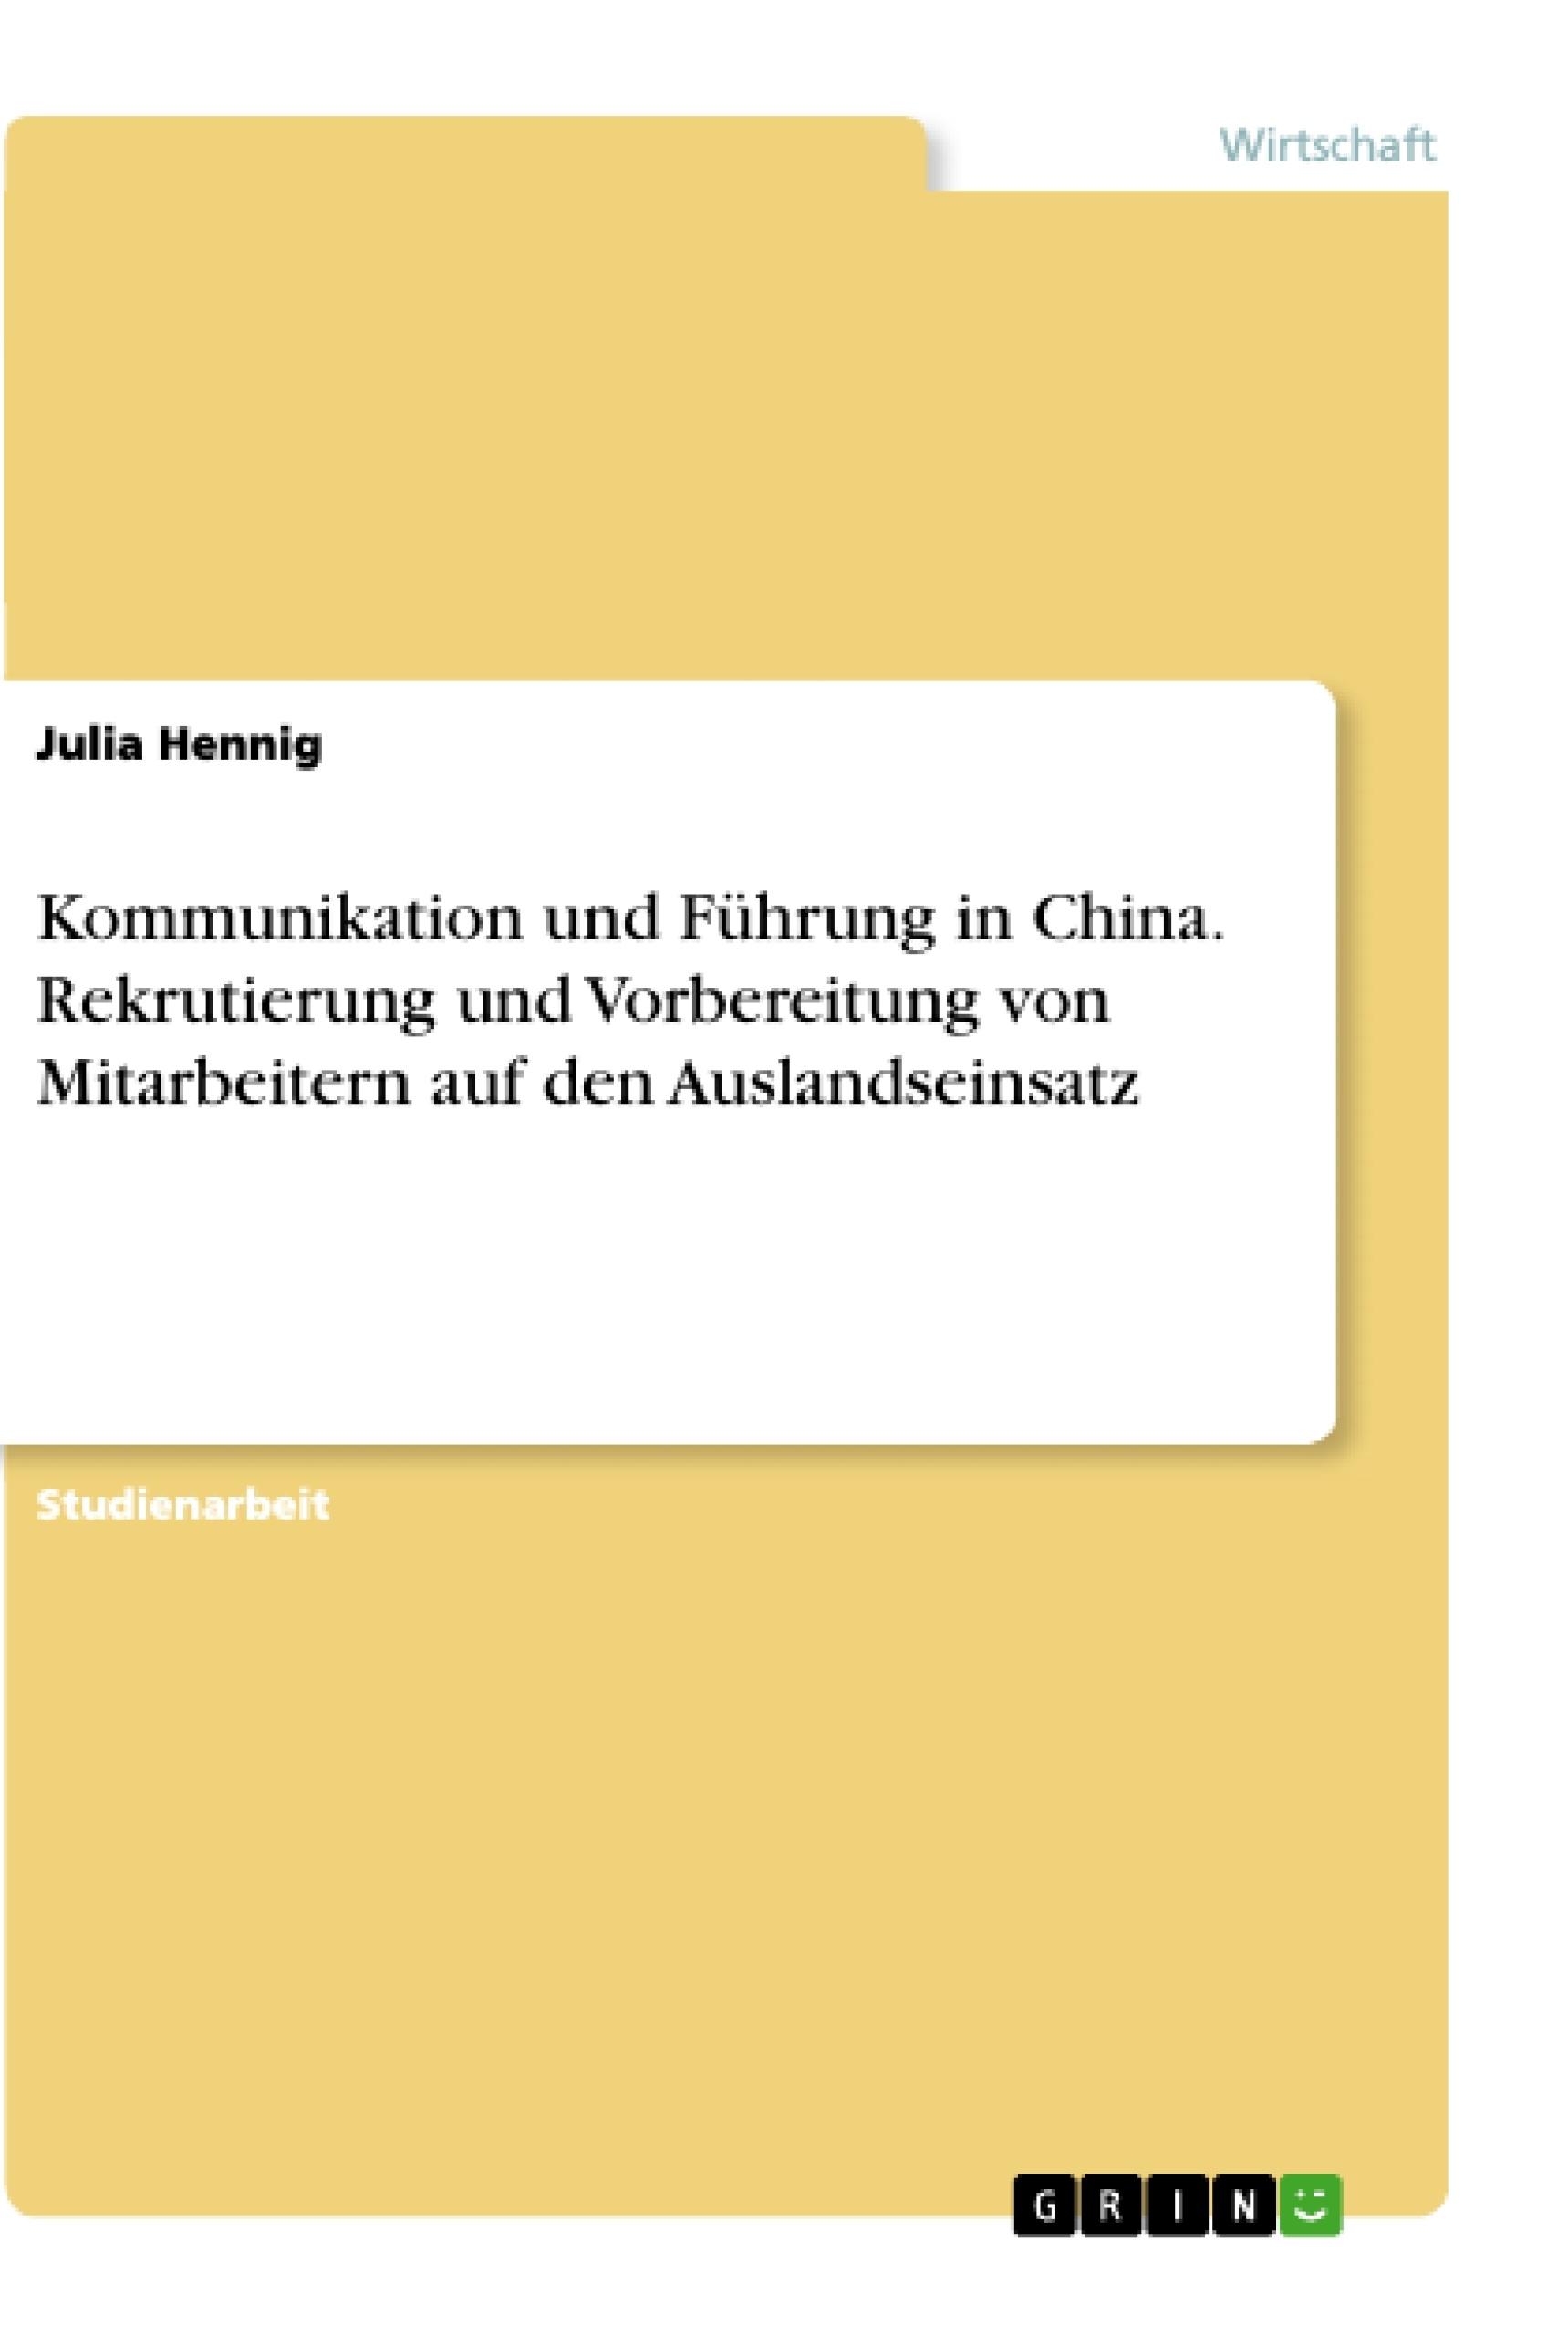 Titel: Kommunikation und Führung in China. Rekrutierung und Vorbereitung von Mitarbeitern auf den Auslandseinsatz